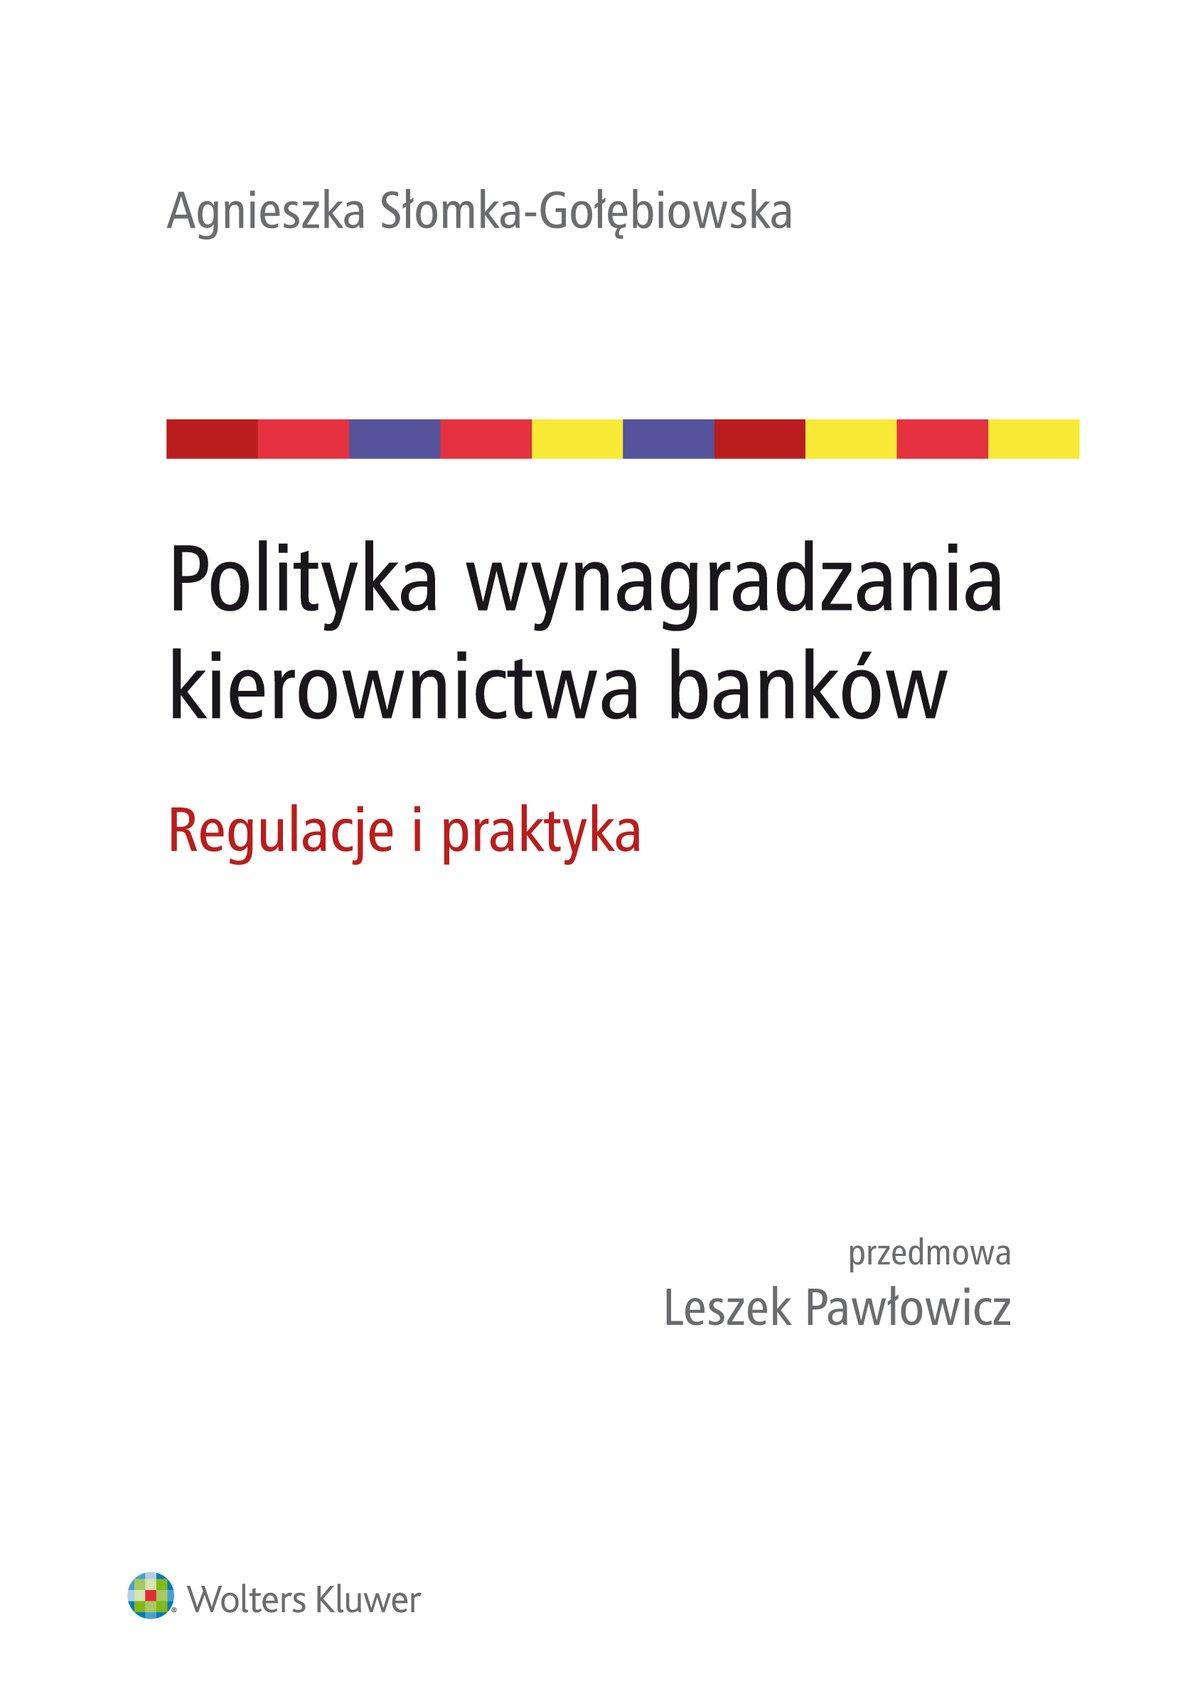 Polityka wynagradzania kierownictwa banków. Regulacje i praktyka - Ebook (Książka PDF) do pobrania w formacie PDF